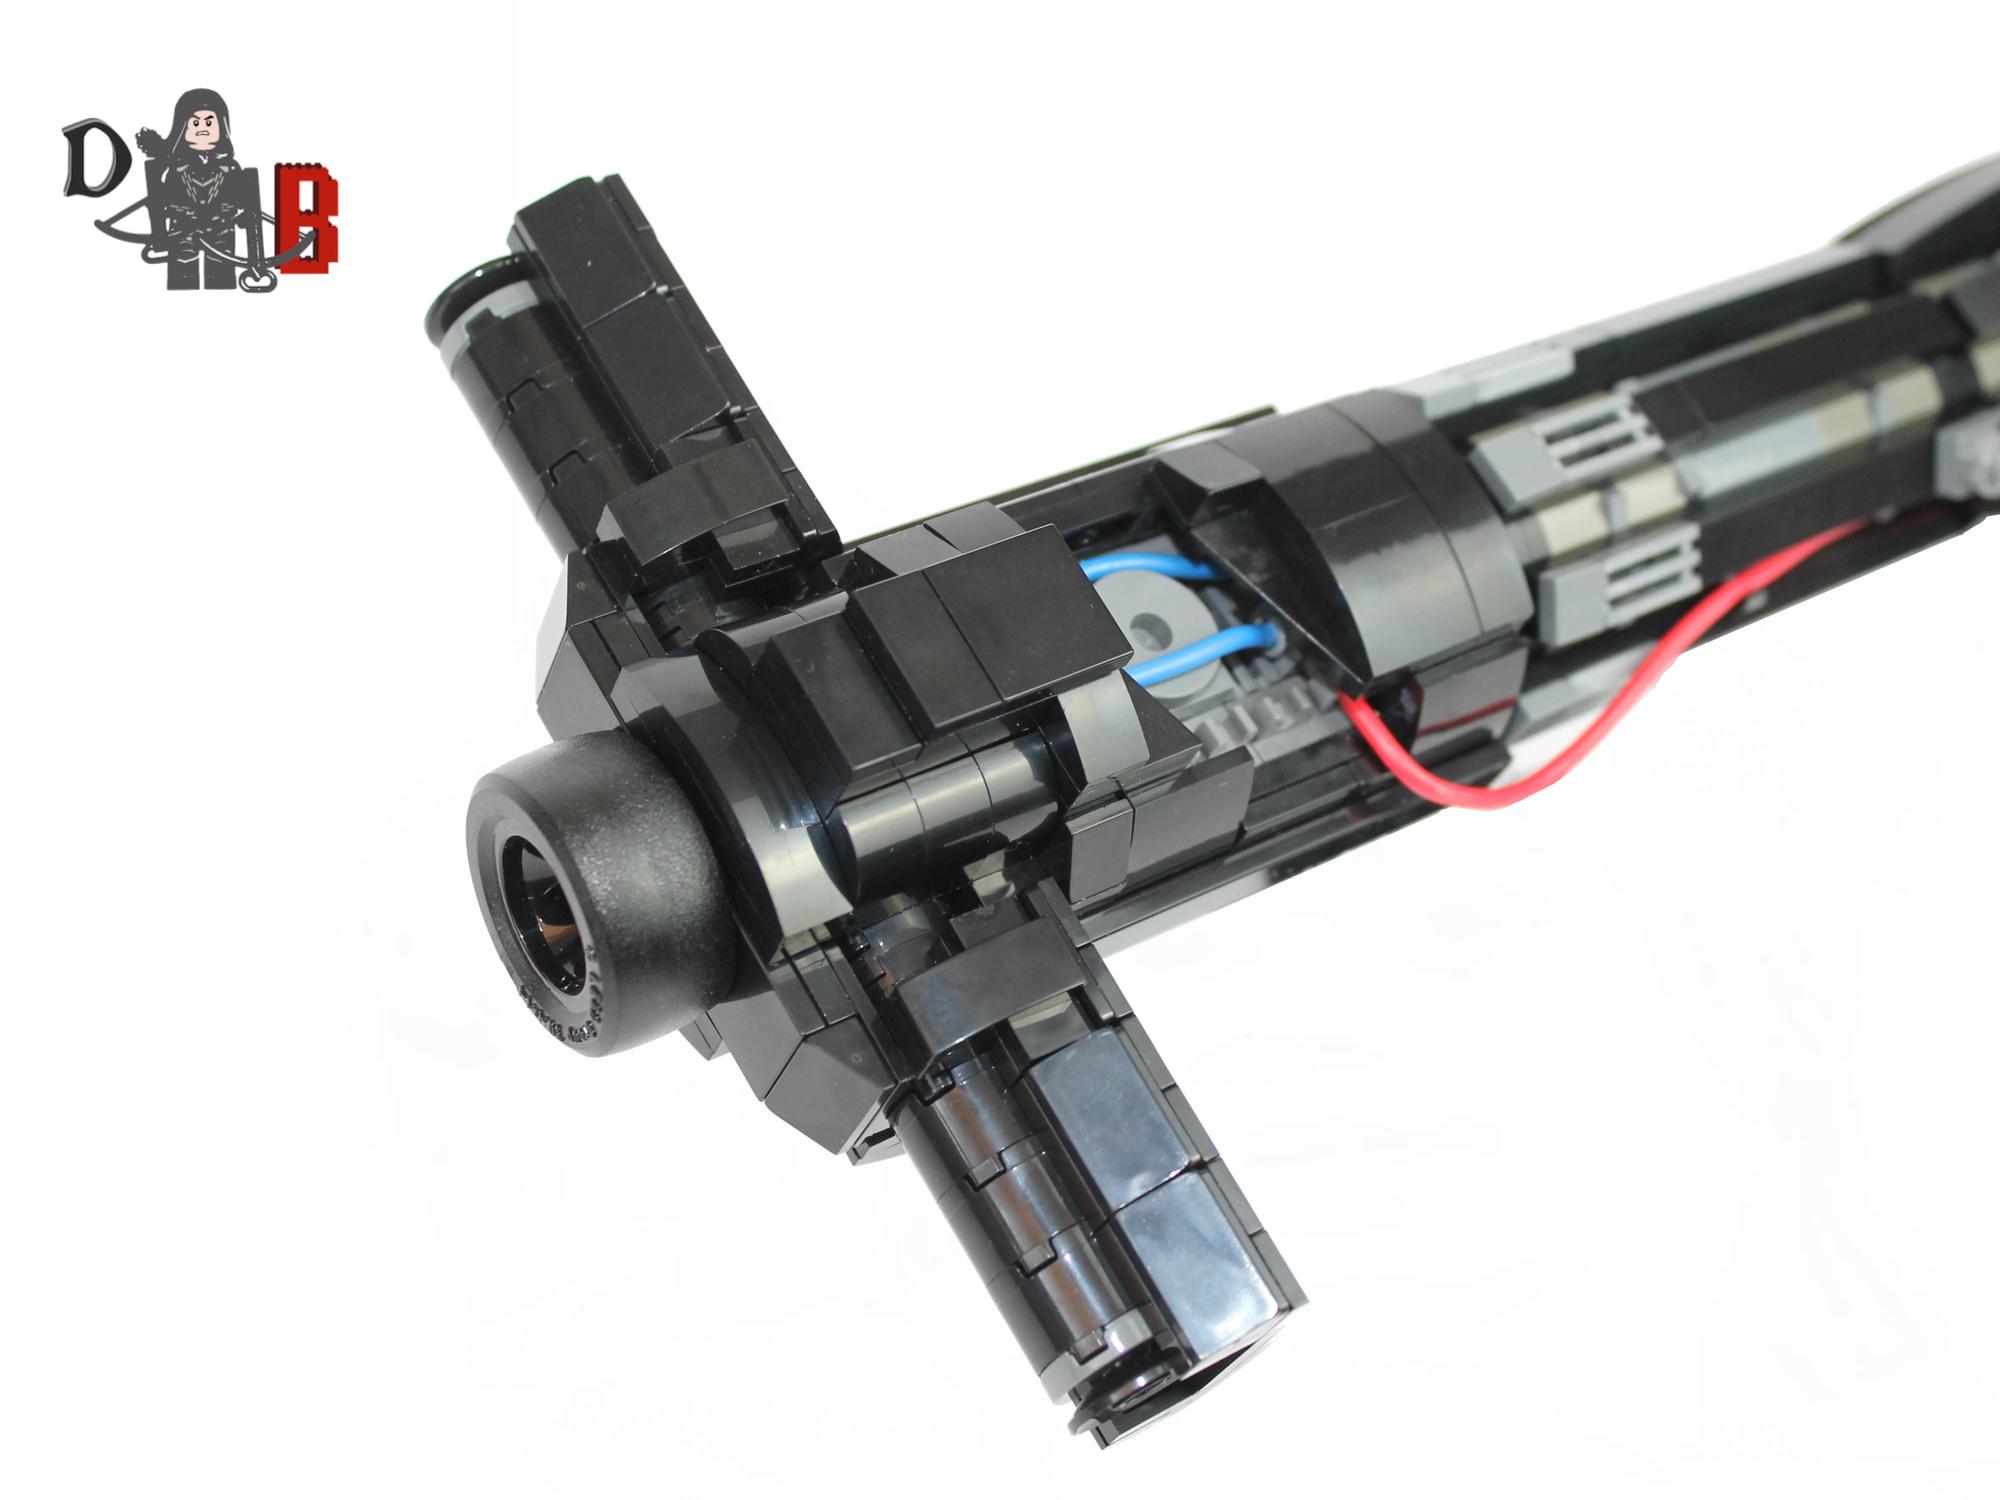 lego lightsaber hilt instructions